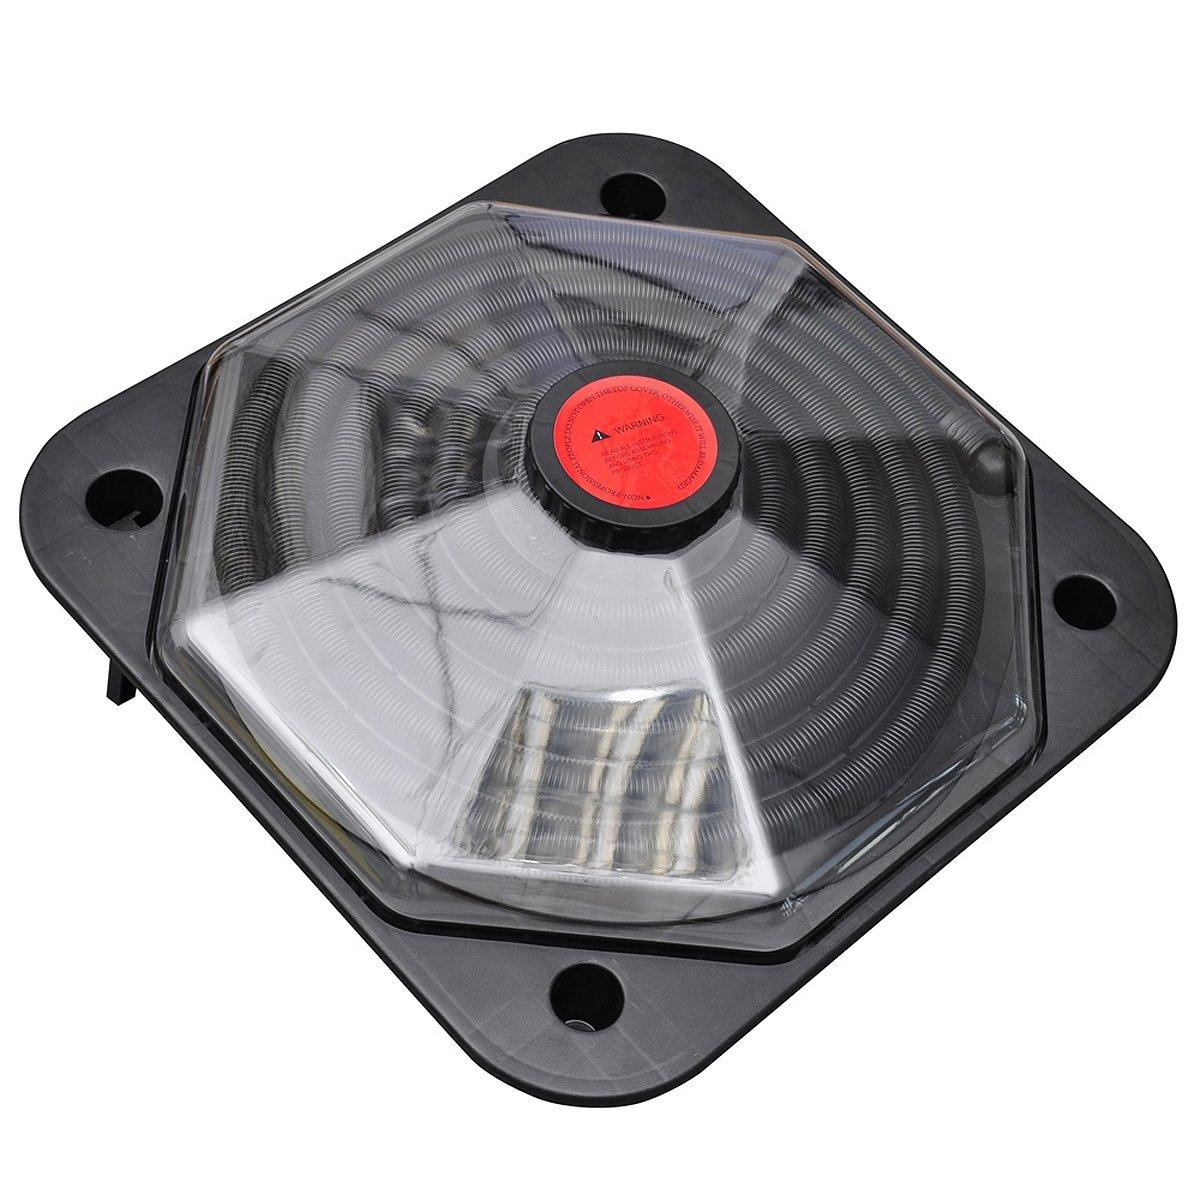 vidaXL Solar Poolheizung 735W Solarheizung Solarkollektor Heizung Schwimmbad 12446